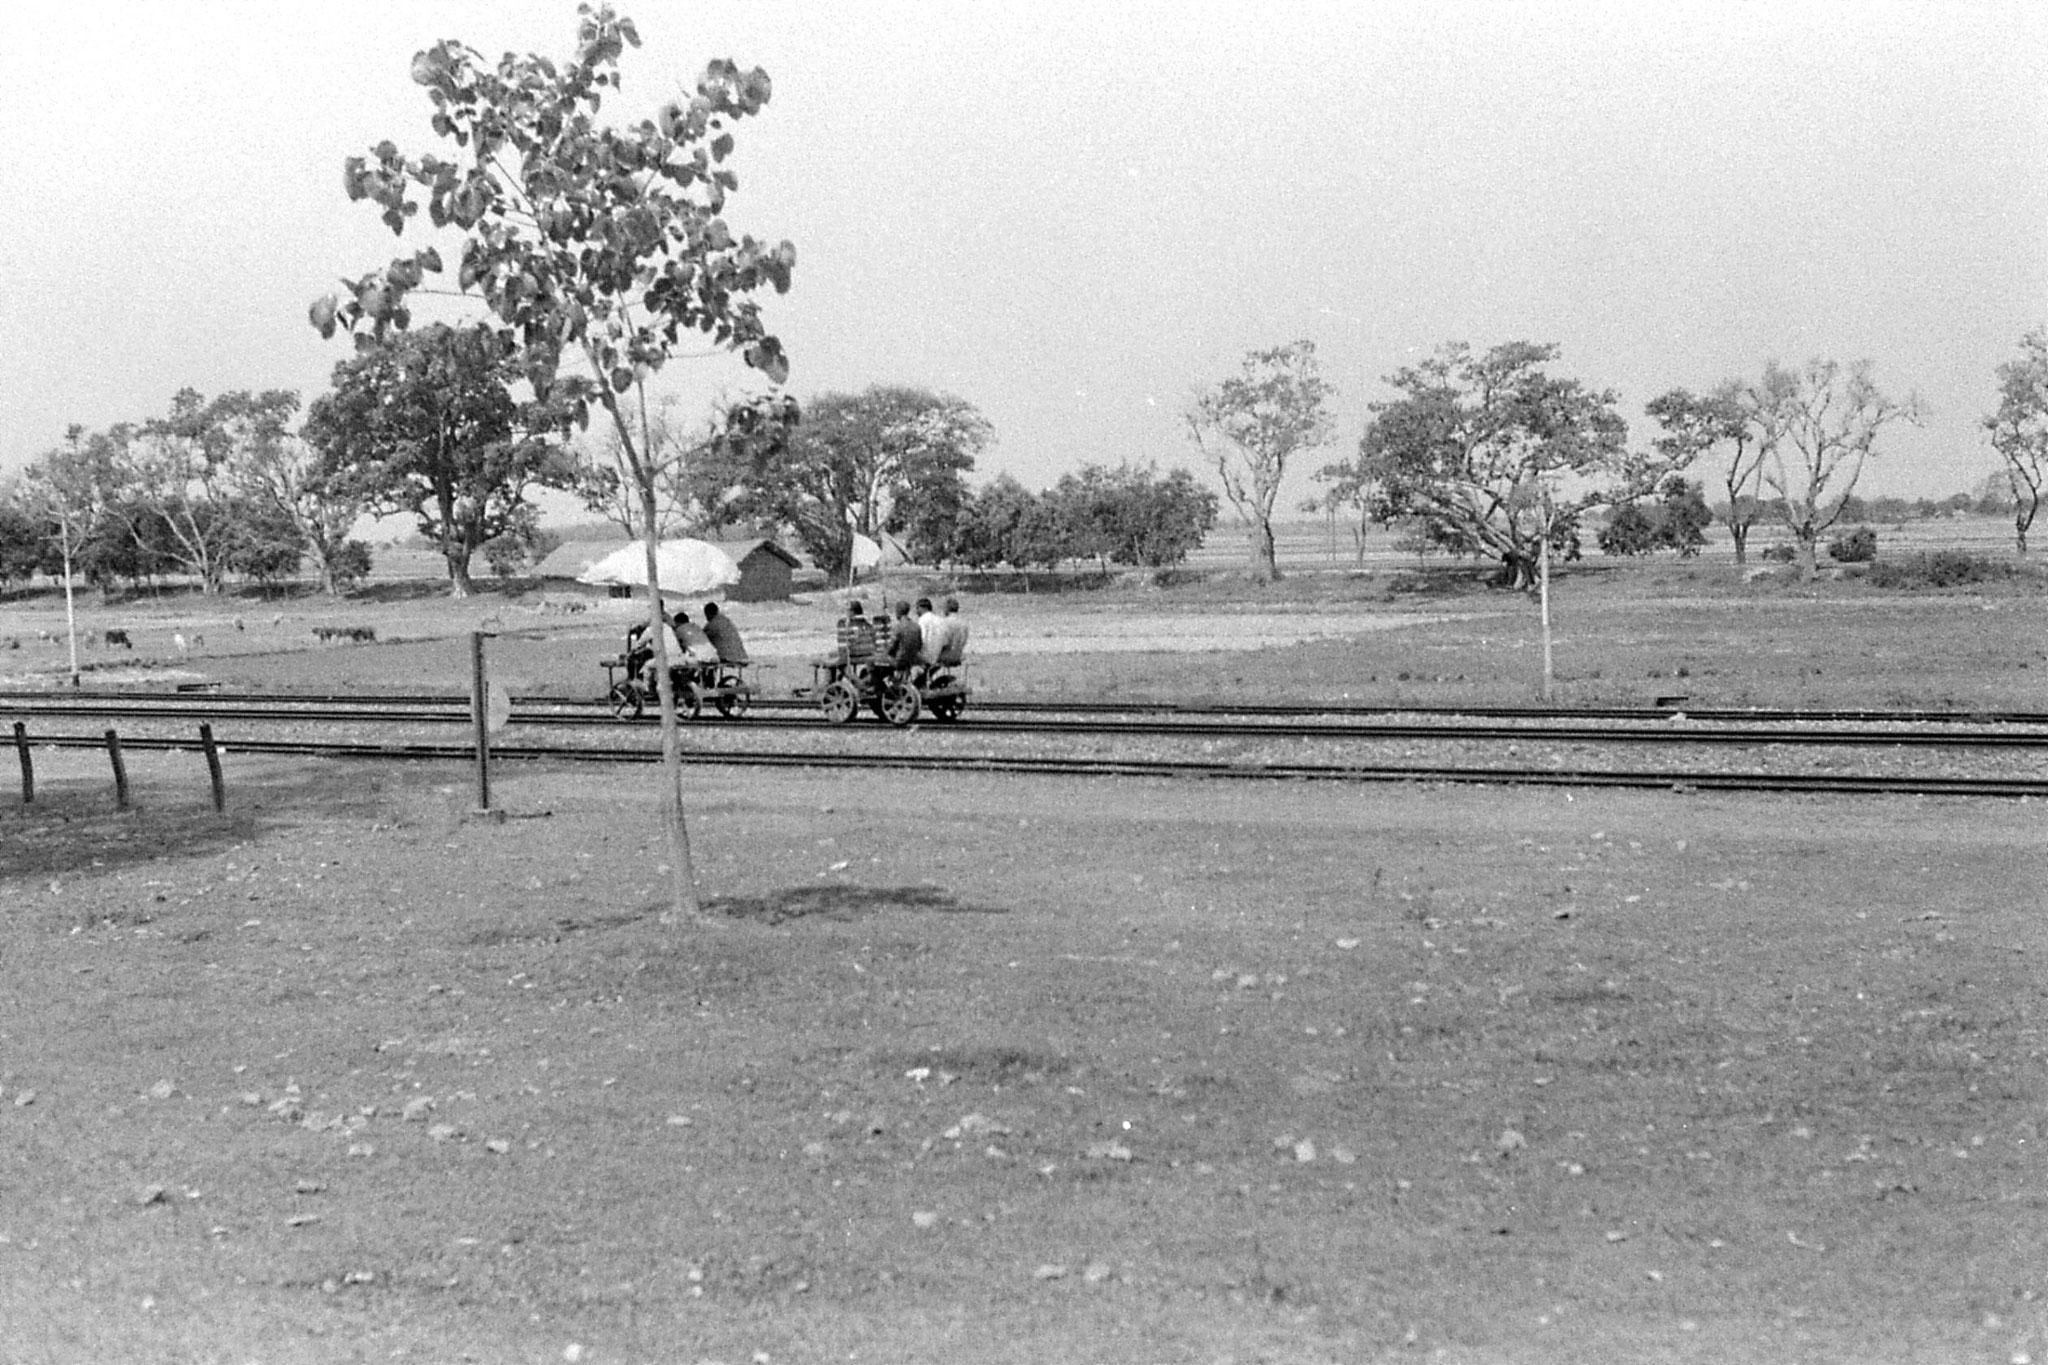 7/4/1990: 19: East Bihar after Katihar